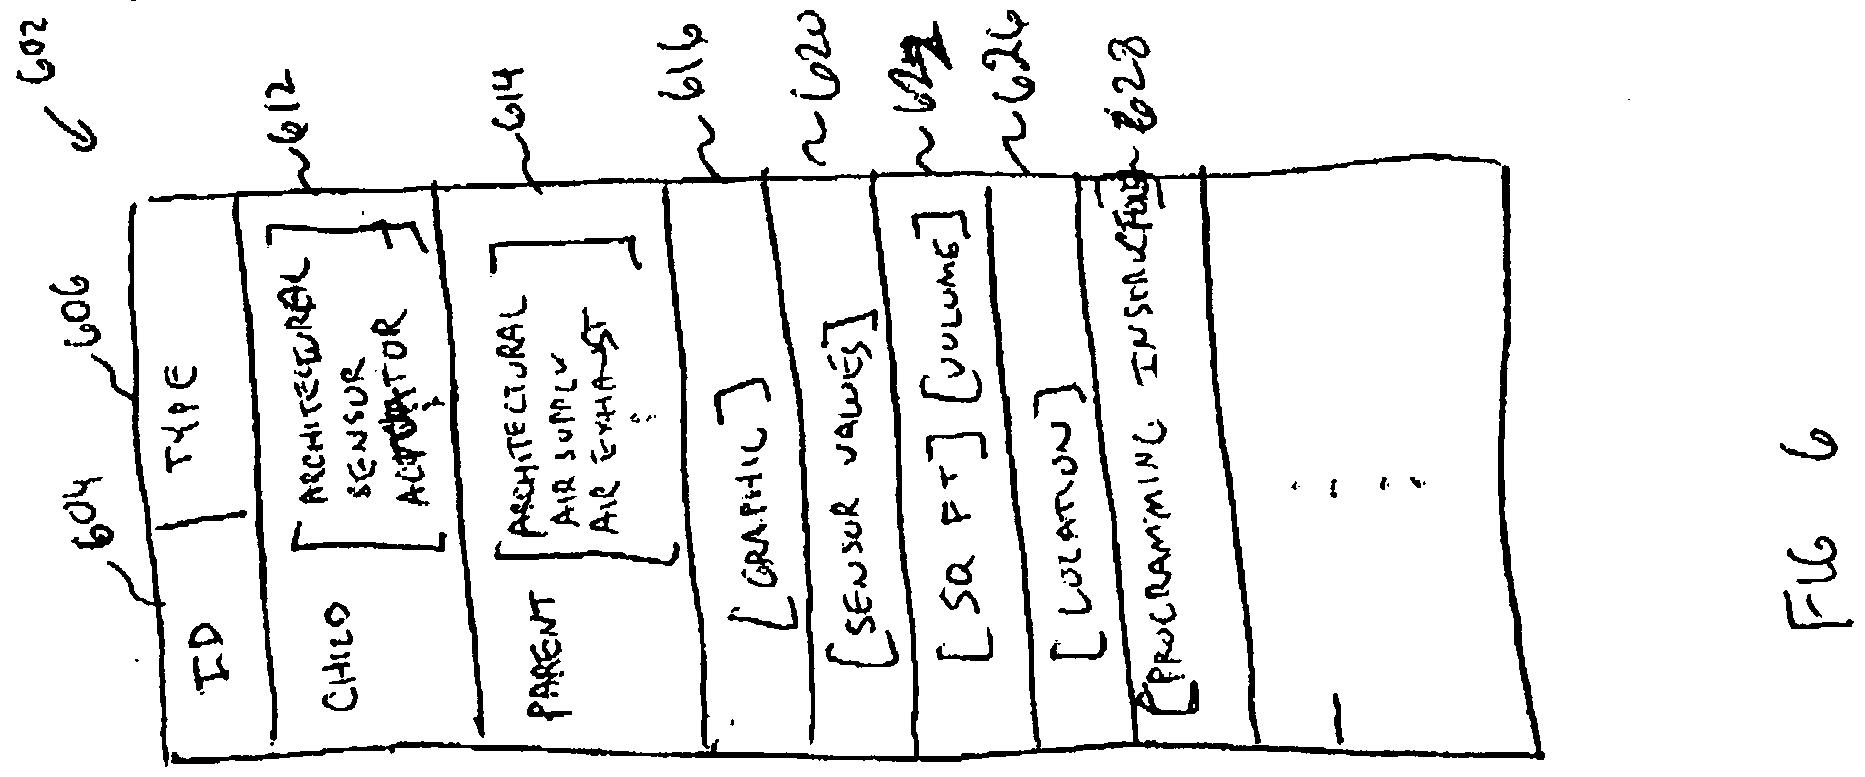 Figure imgf000051_0002